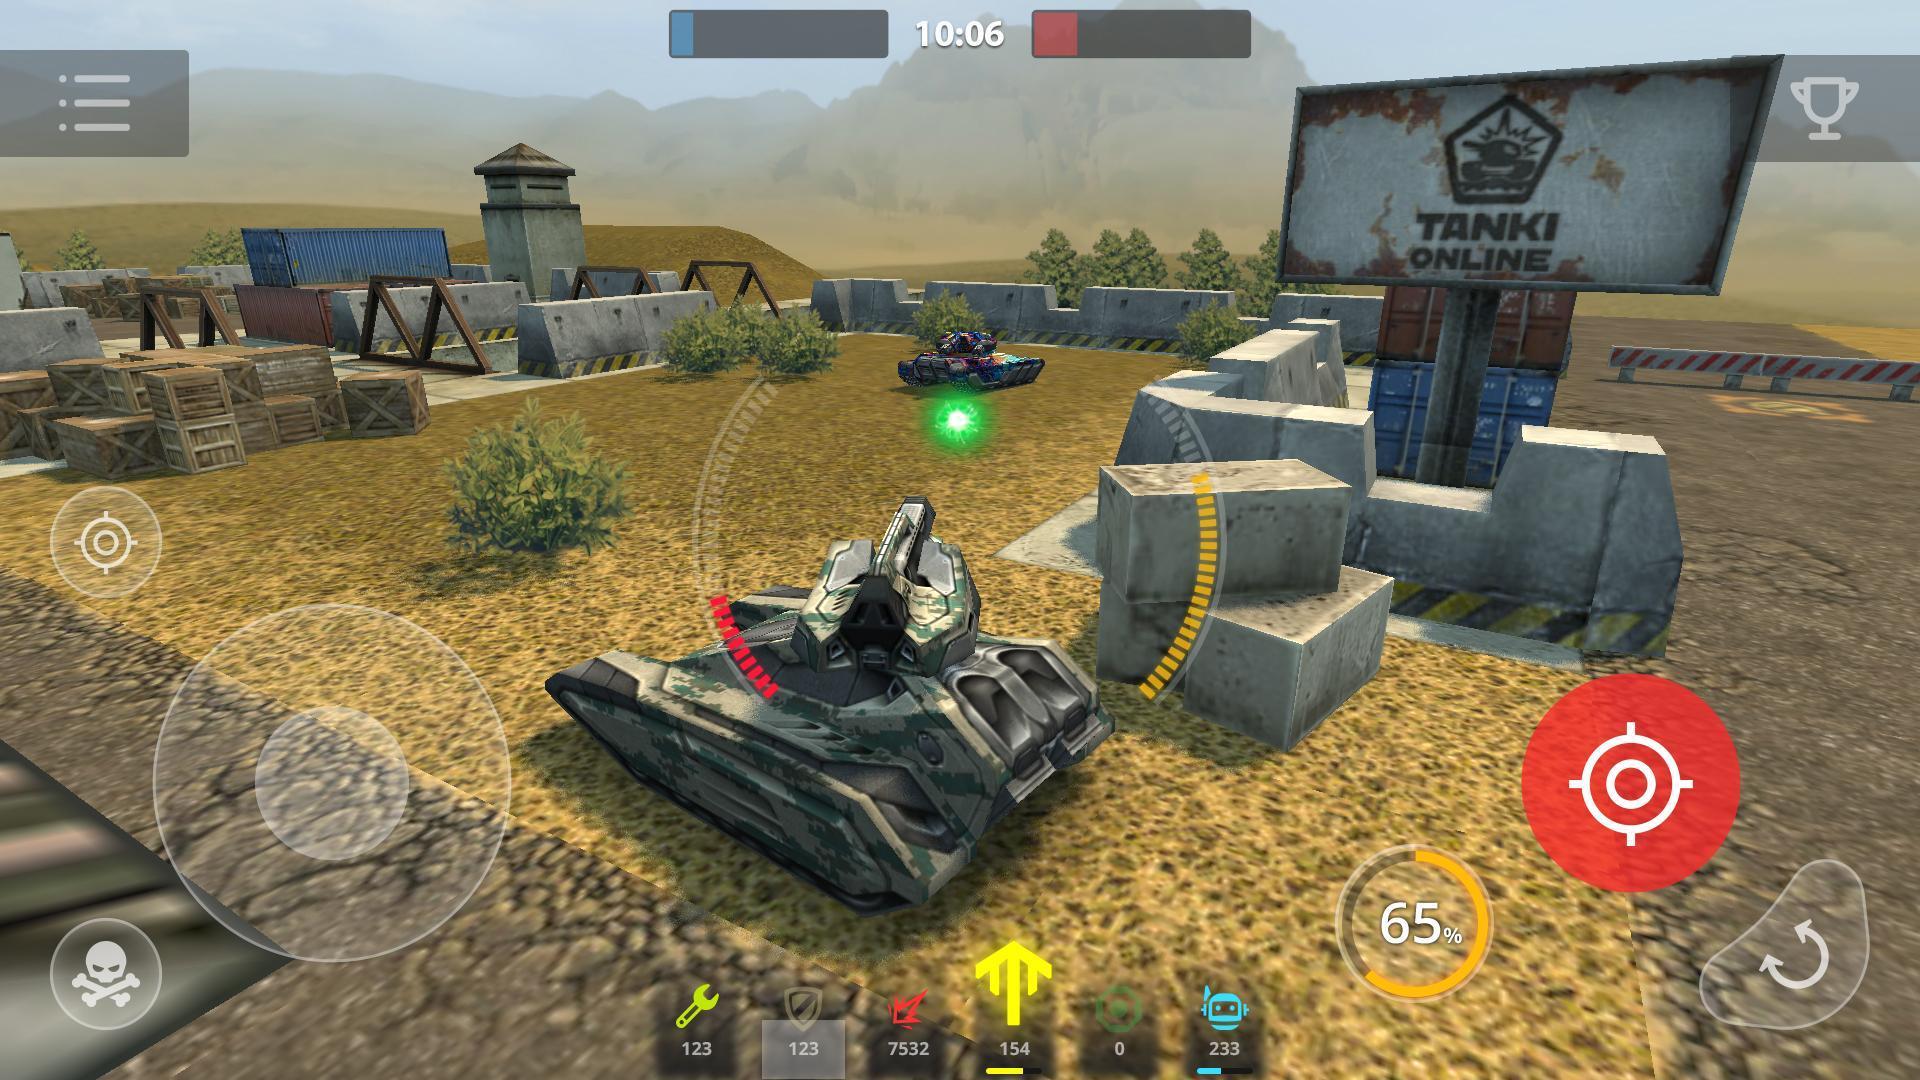 скачать танки онлайн взлом